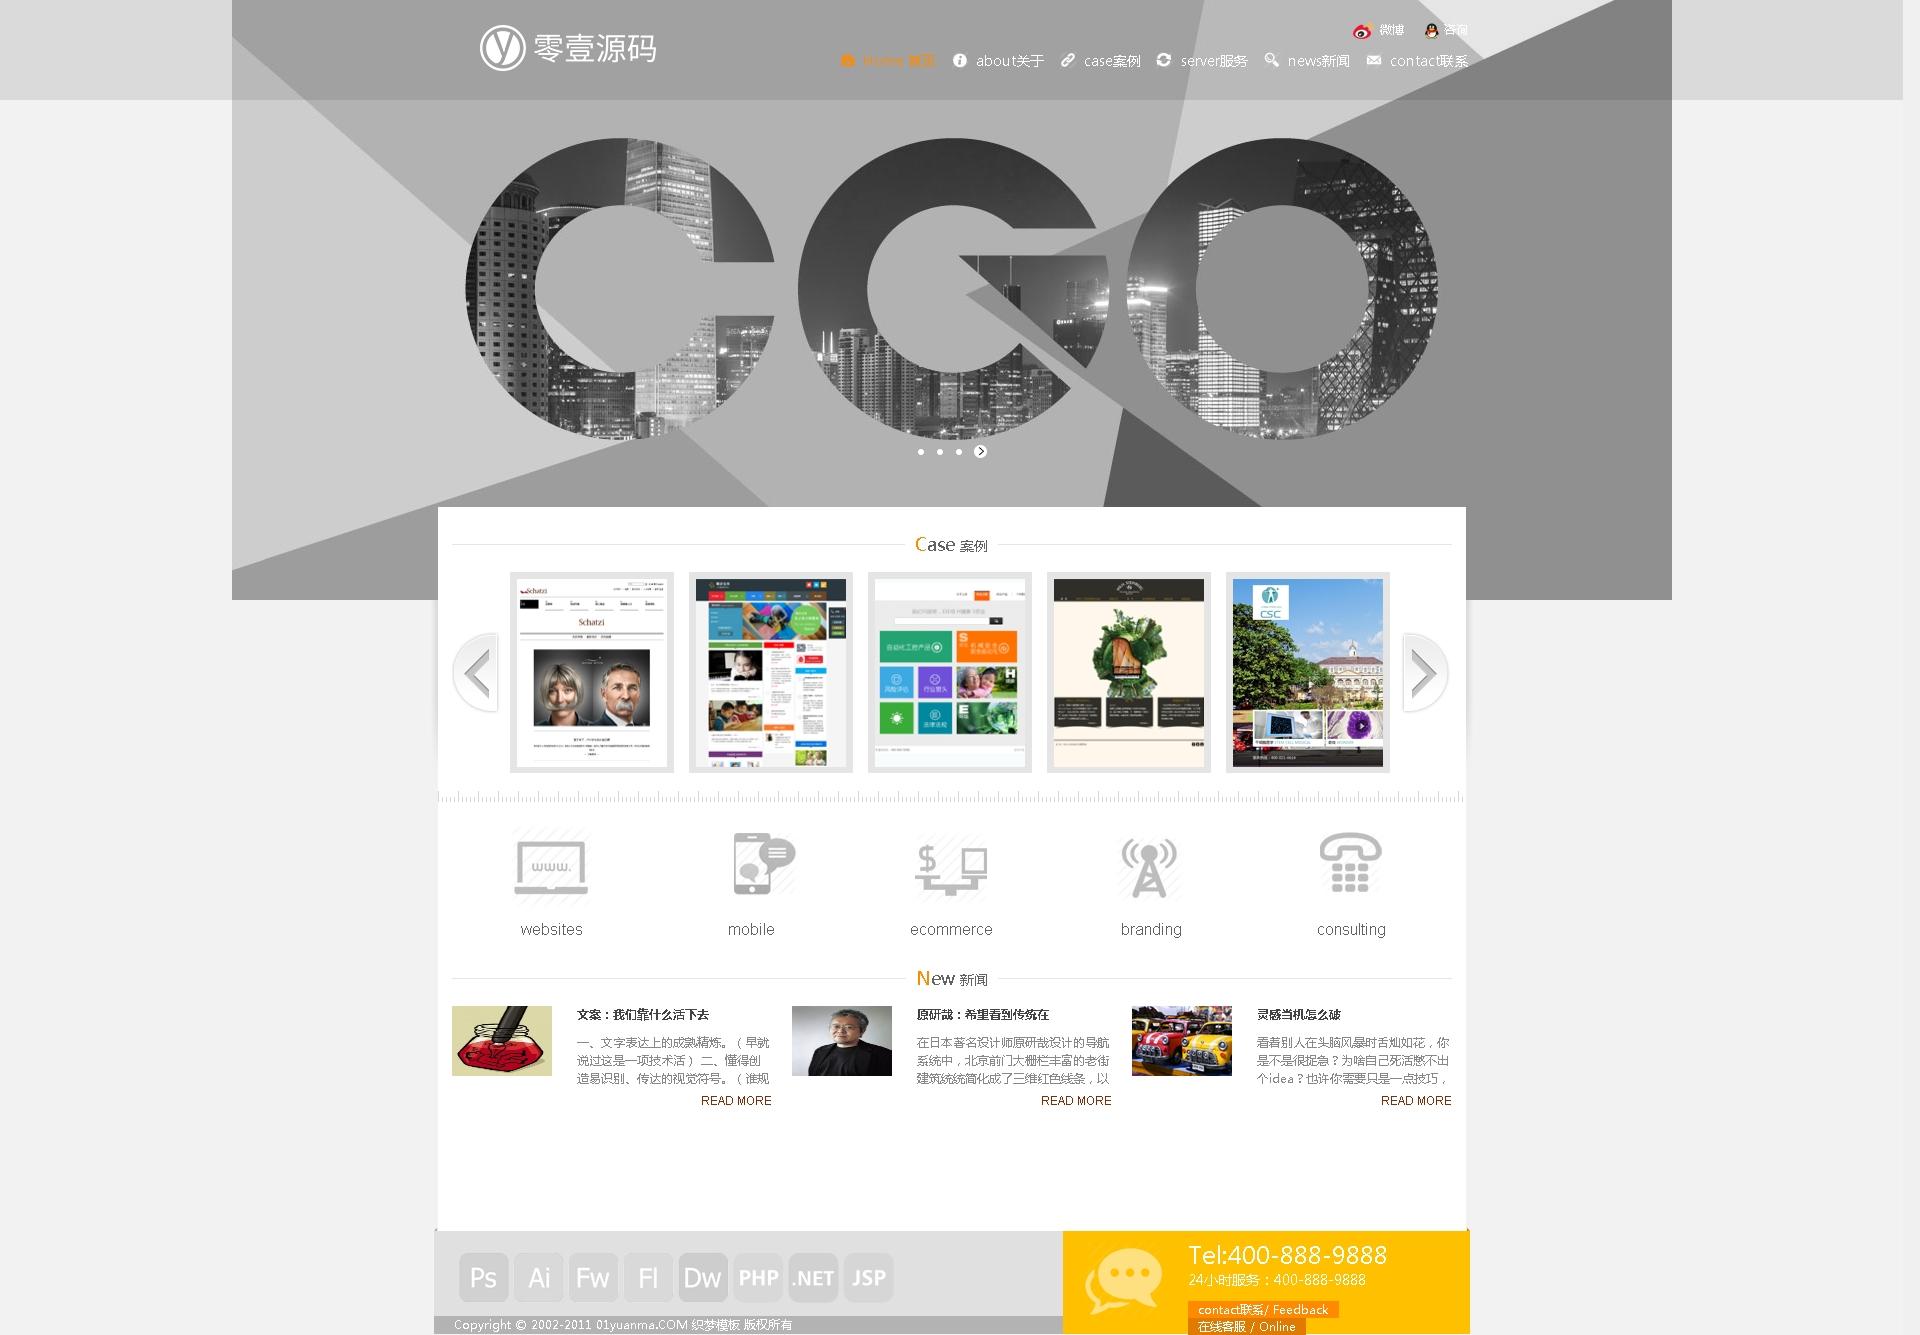 多彩网络设计网站建设类企业公司织梦dedecms模板